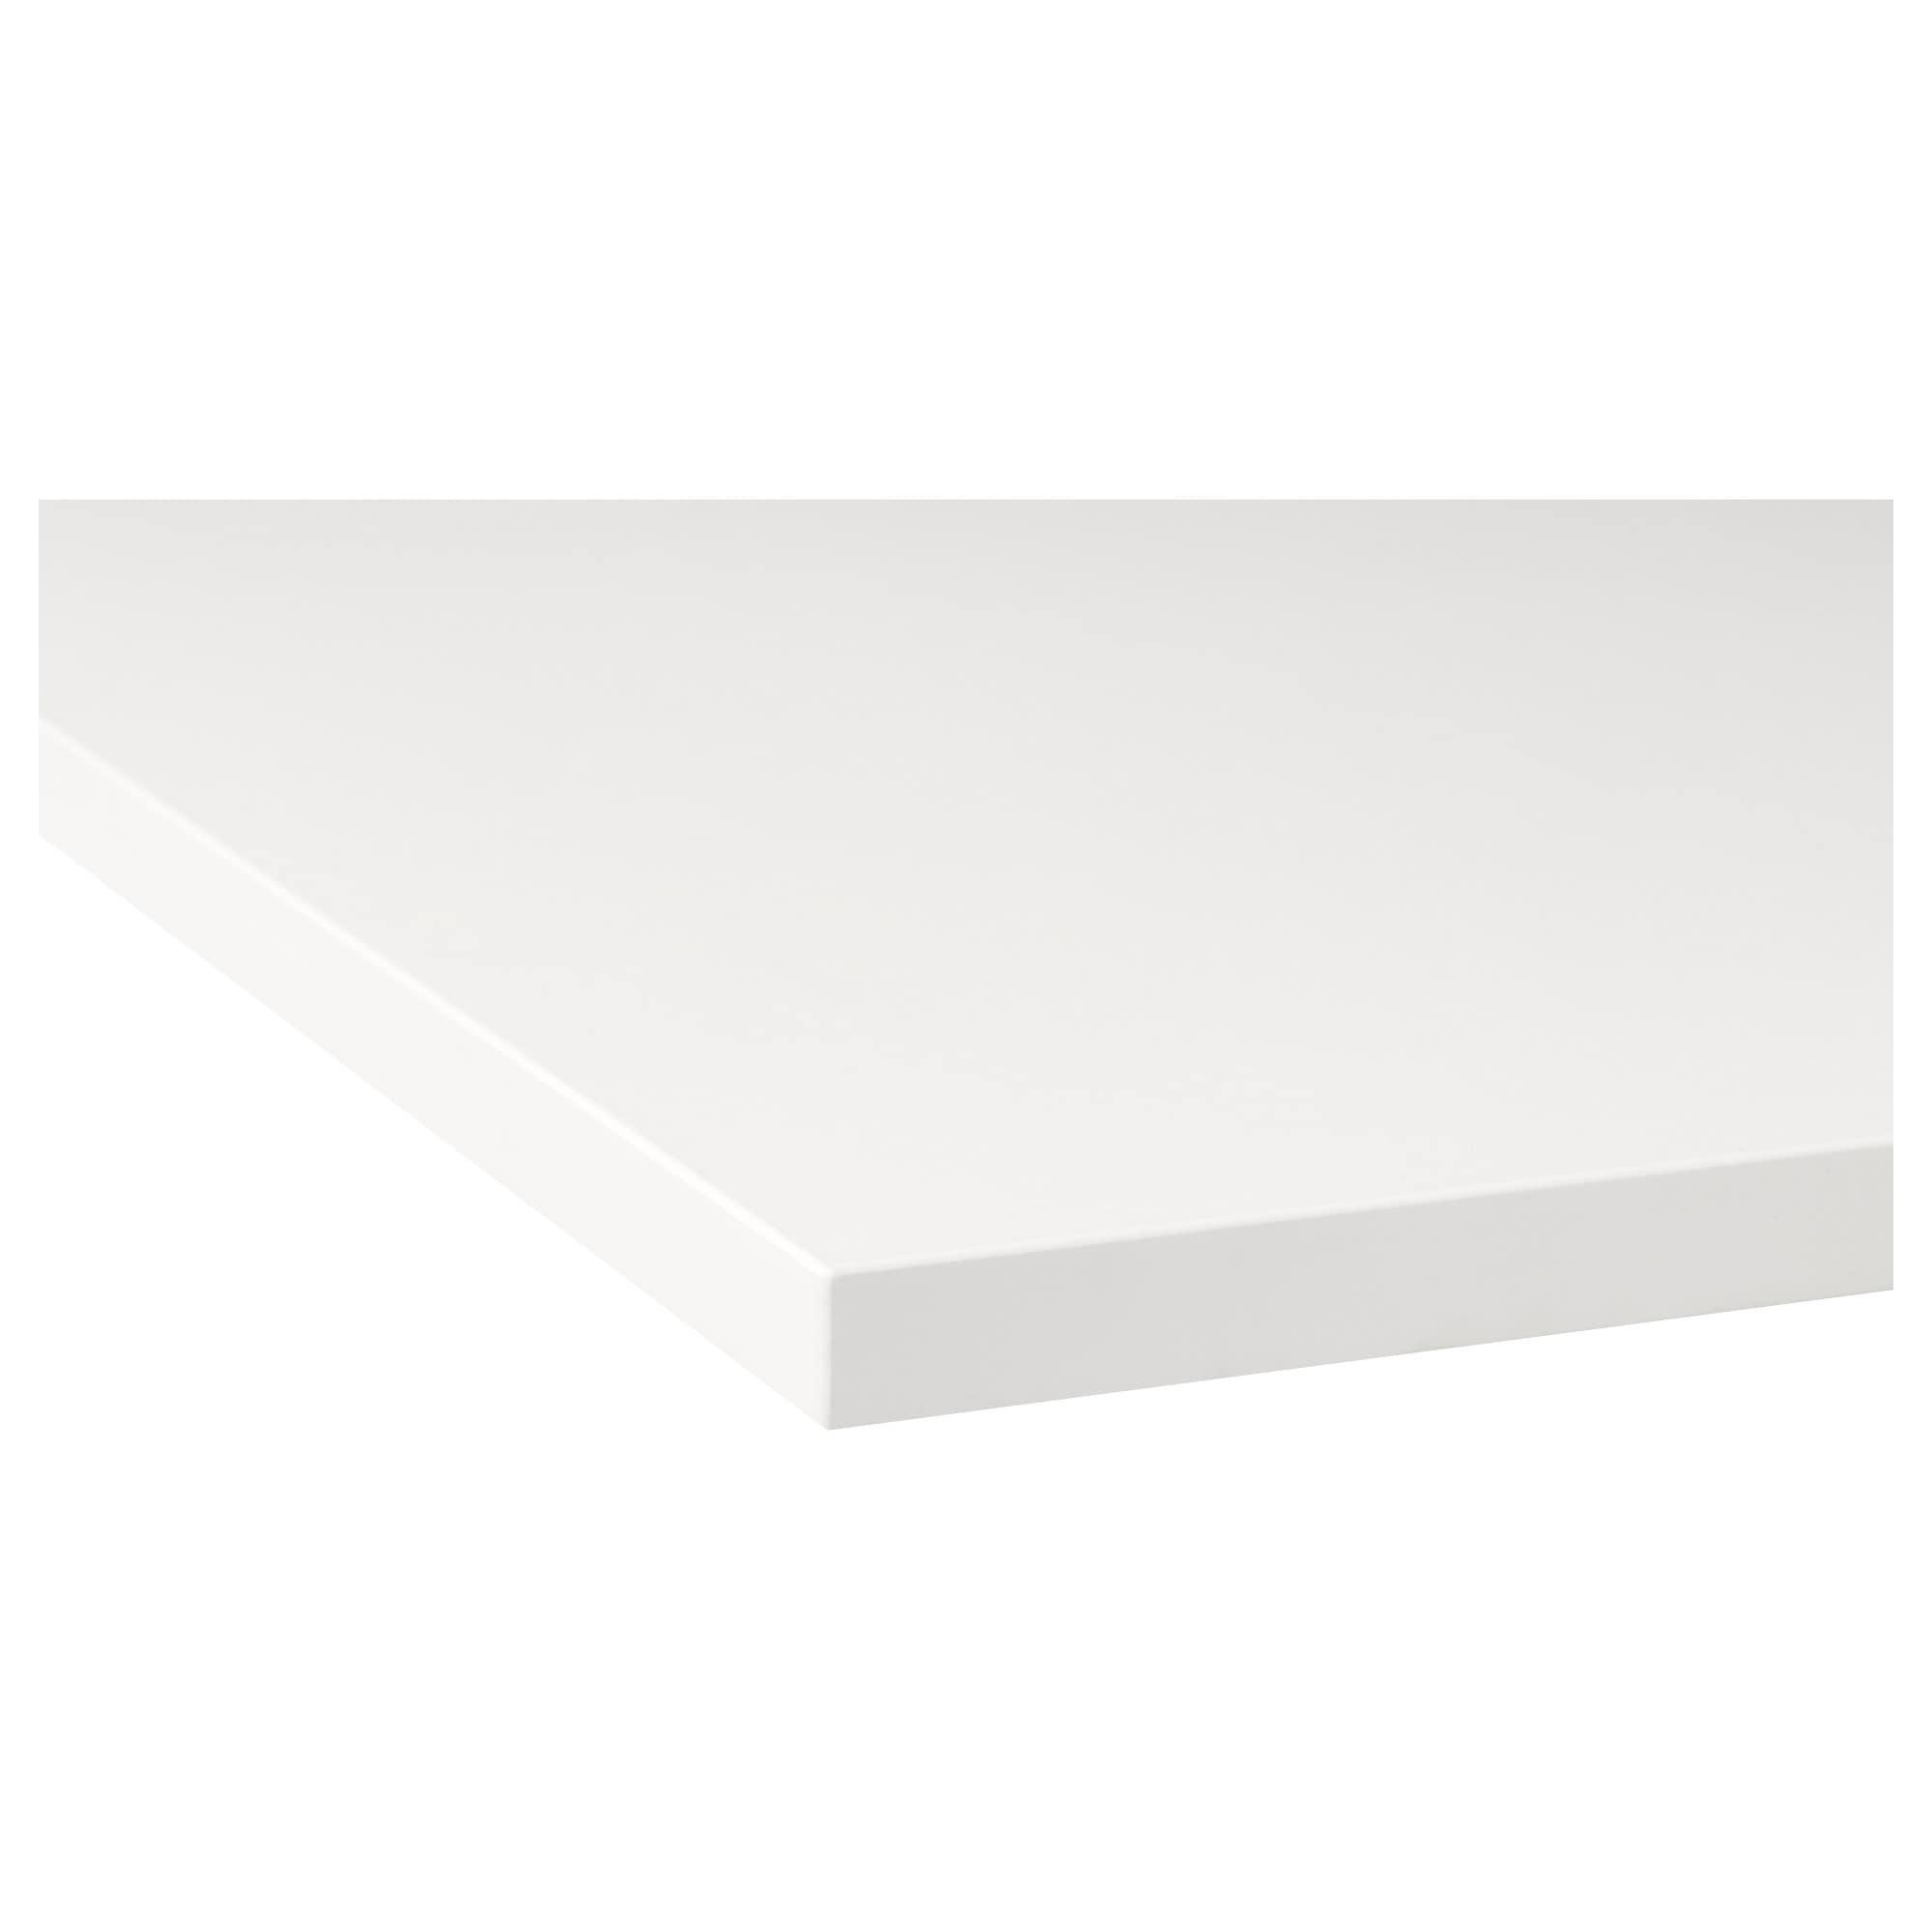 Tolken Abdeckplatte Weiss Ikea Osterreich Abdecken Waschbecken Und Arbeitsplatte